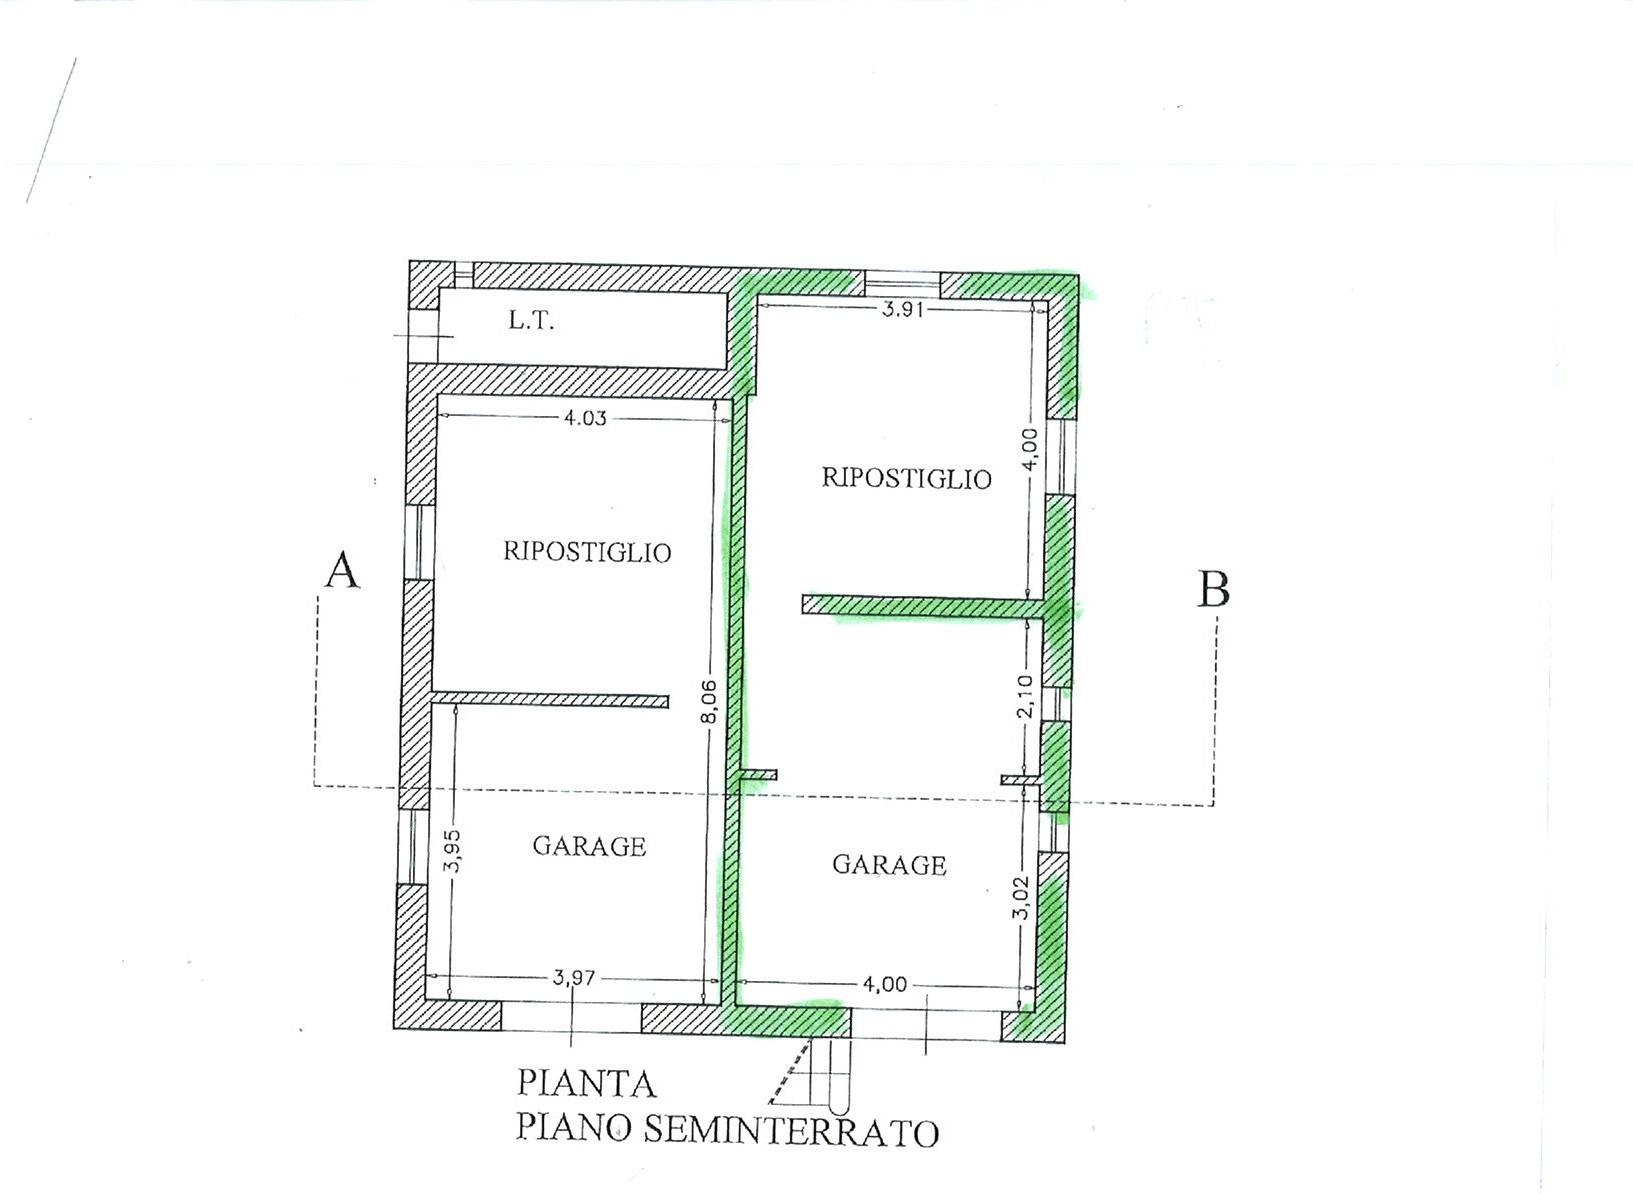 Planimetria 3/3 per rif. uff svito 800